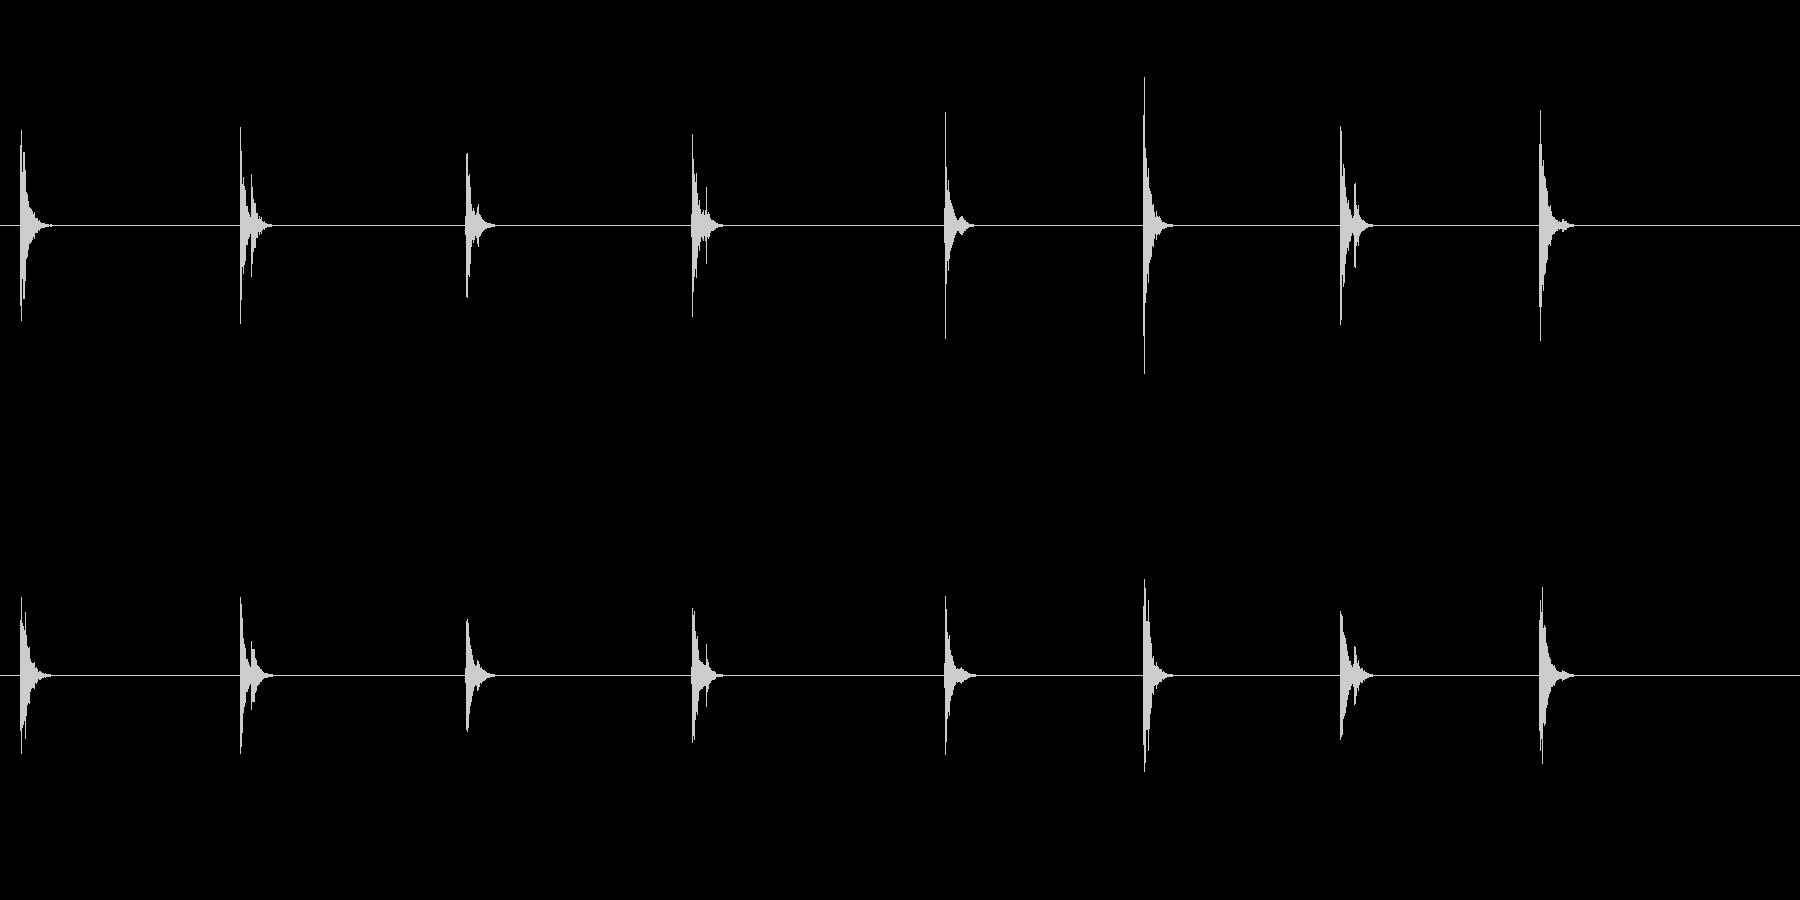 PC キーボード04-17(遠い 単発 の未再生の波形